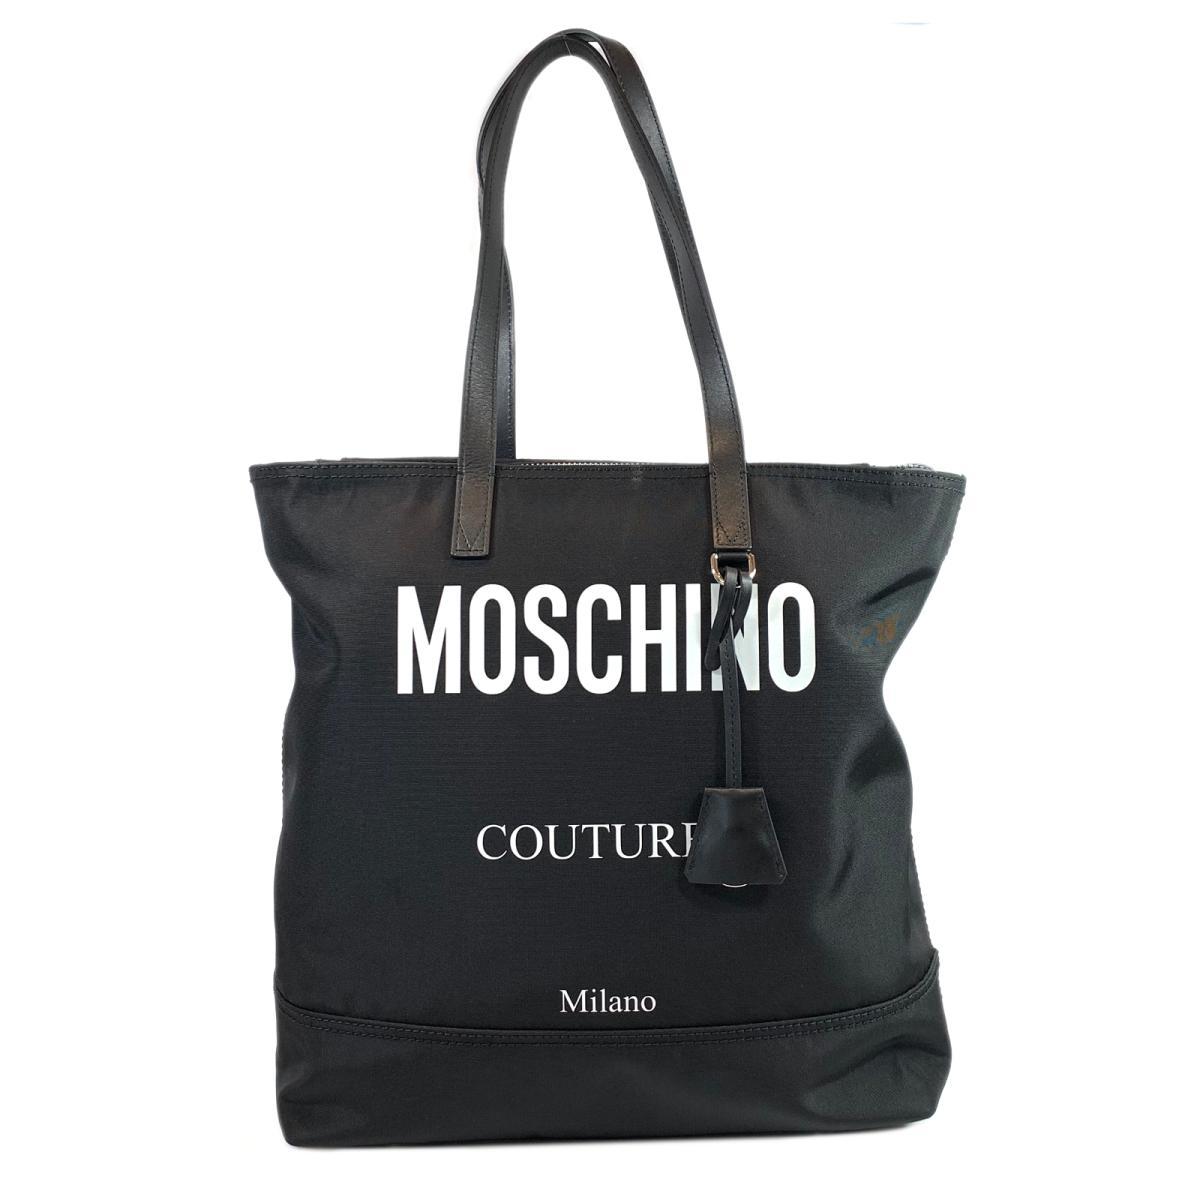 【中古】モスキーノ モスキーノクチュール トートバッグ バッグ ユニセックス ナイロン ブラック